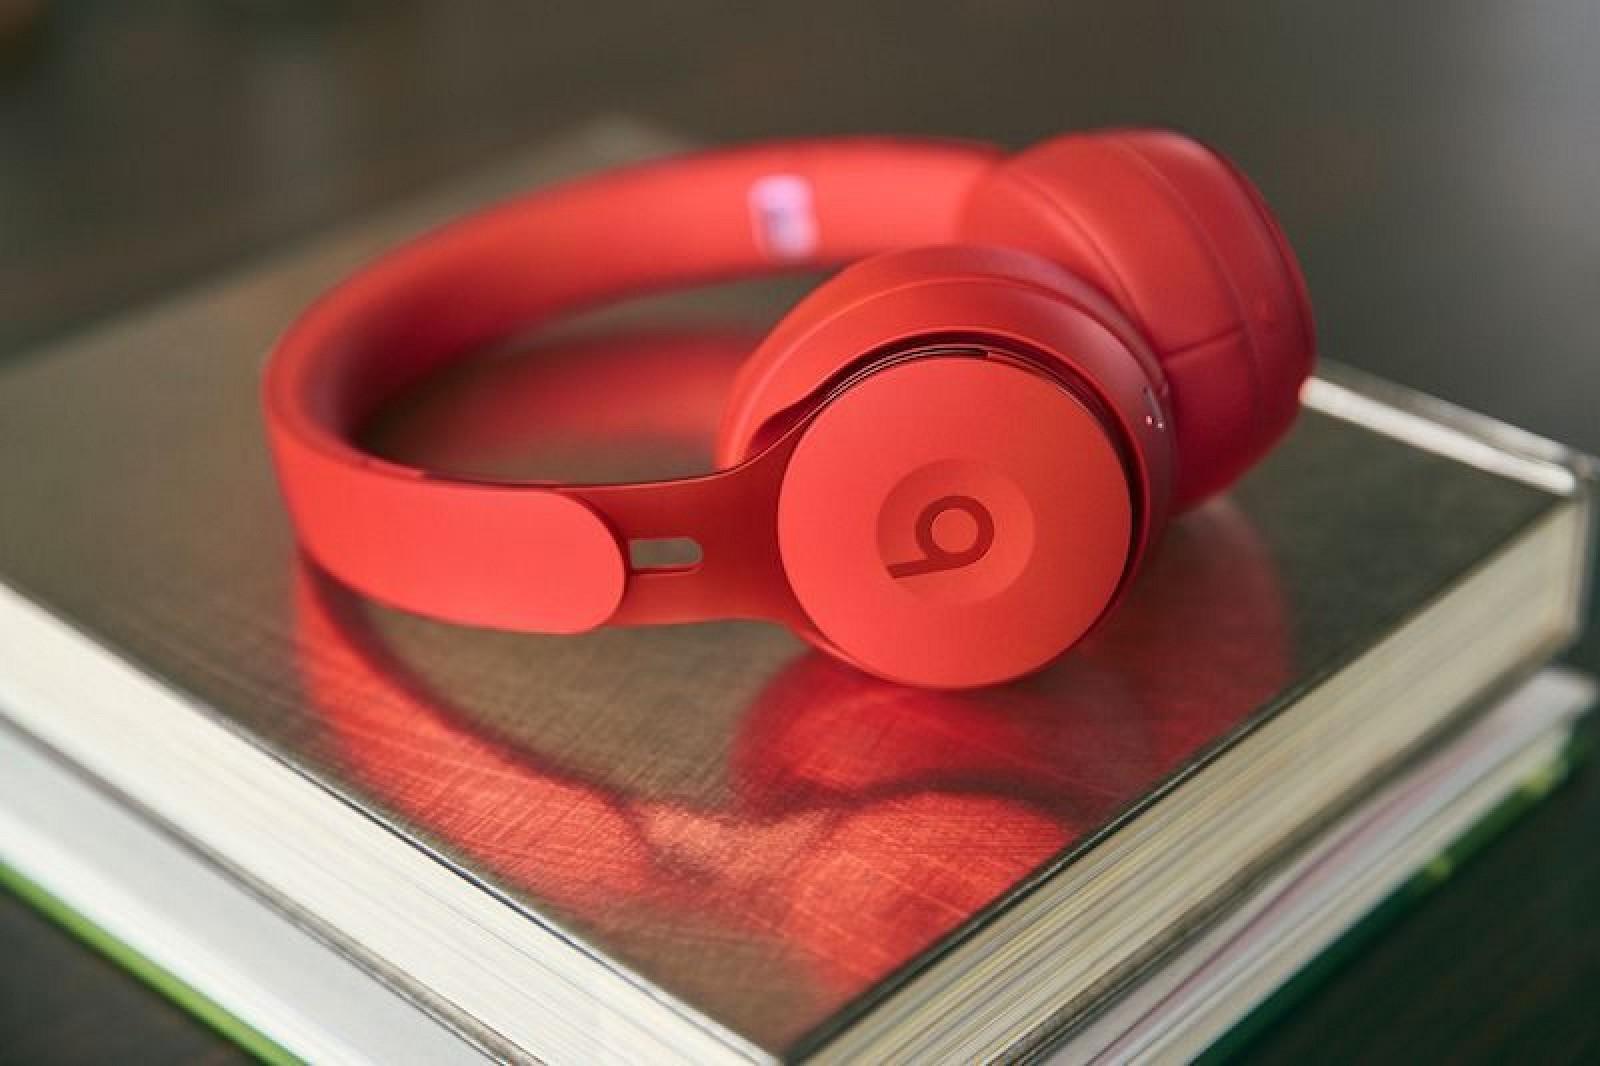 Apple ra mắt tai nghe không dây chống ồn Beats Solo Pro, giá 300 USD - Ảnh 1.